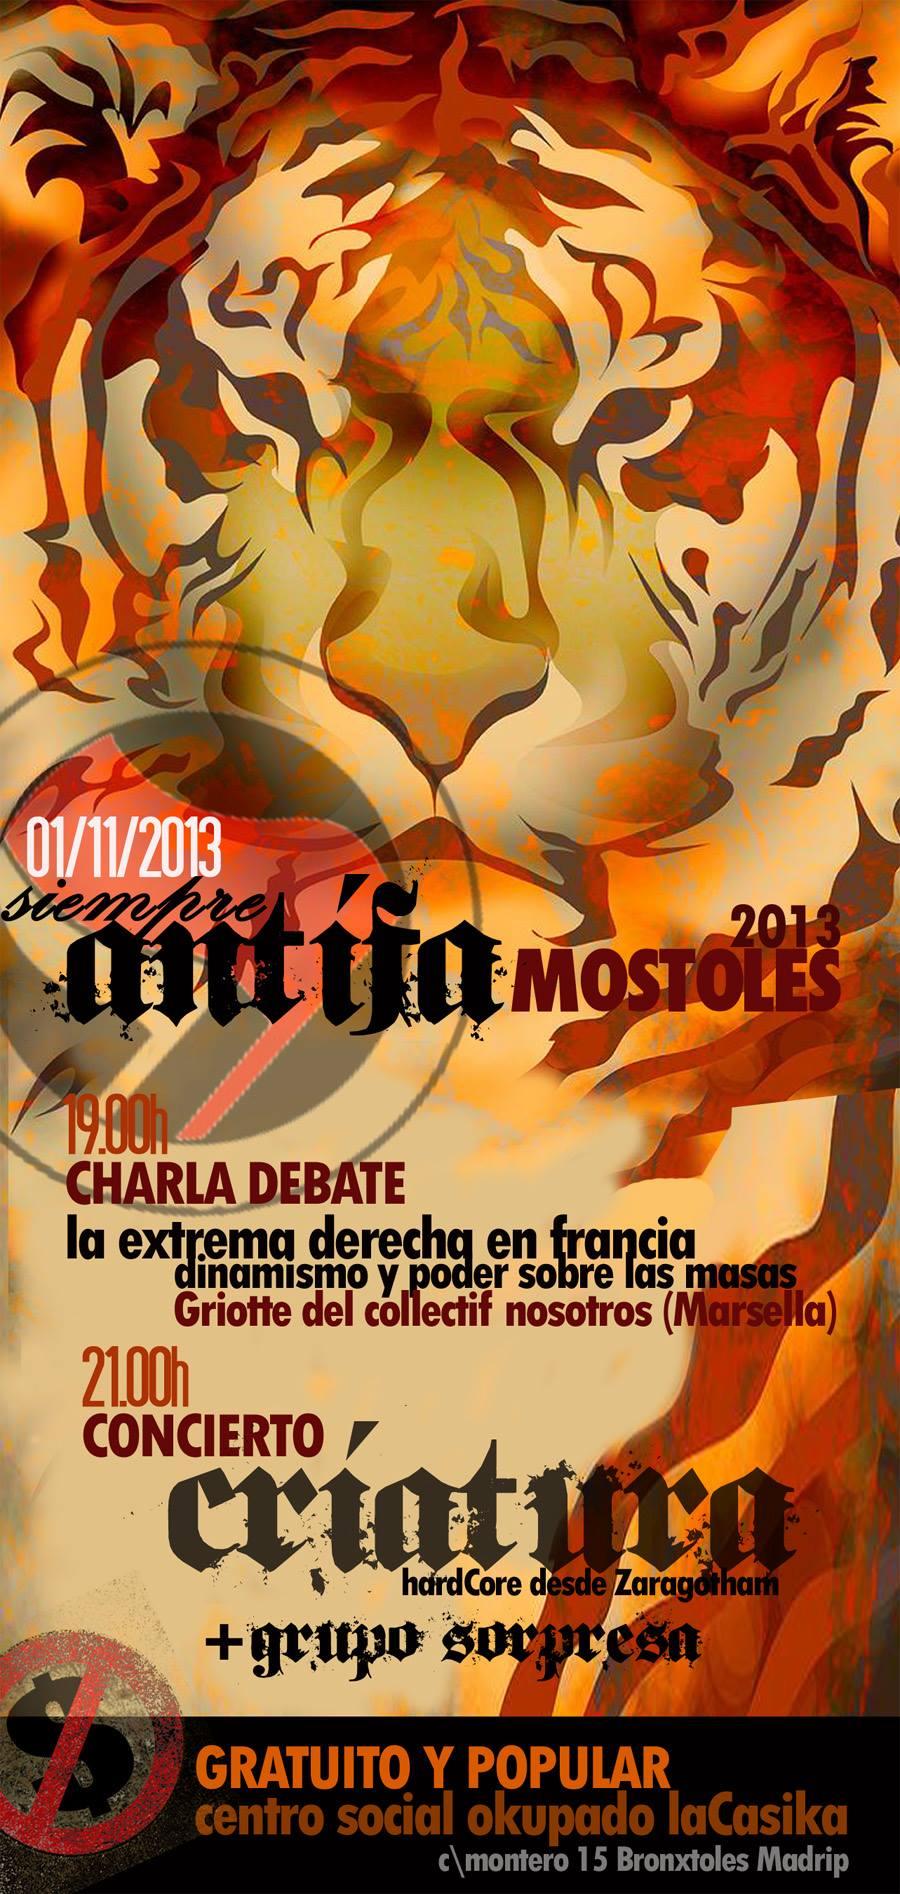 Siempre Antifa Moxtoles 2013 - Charla extrema derecha en Francia y concierto Criatura - viernes 1 noviembre 2013